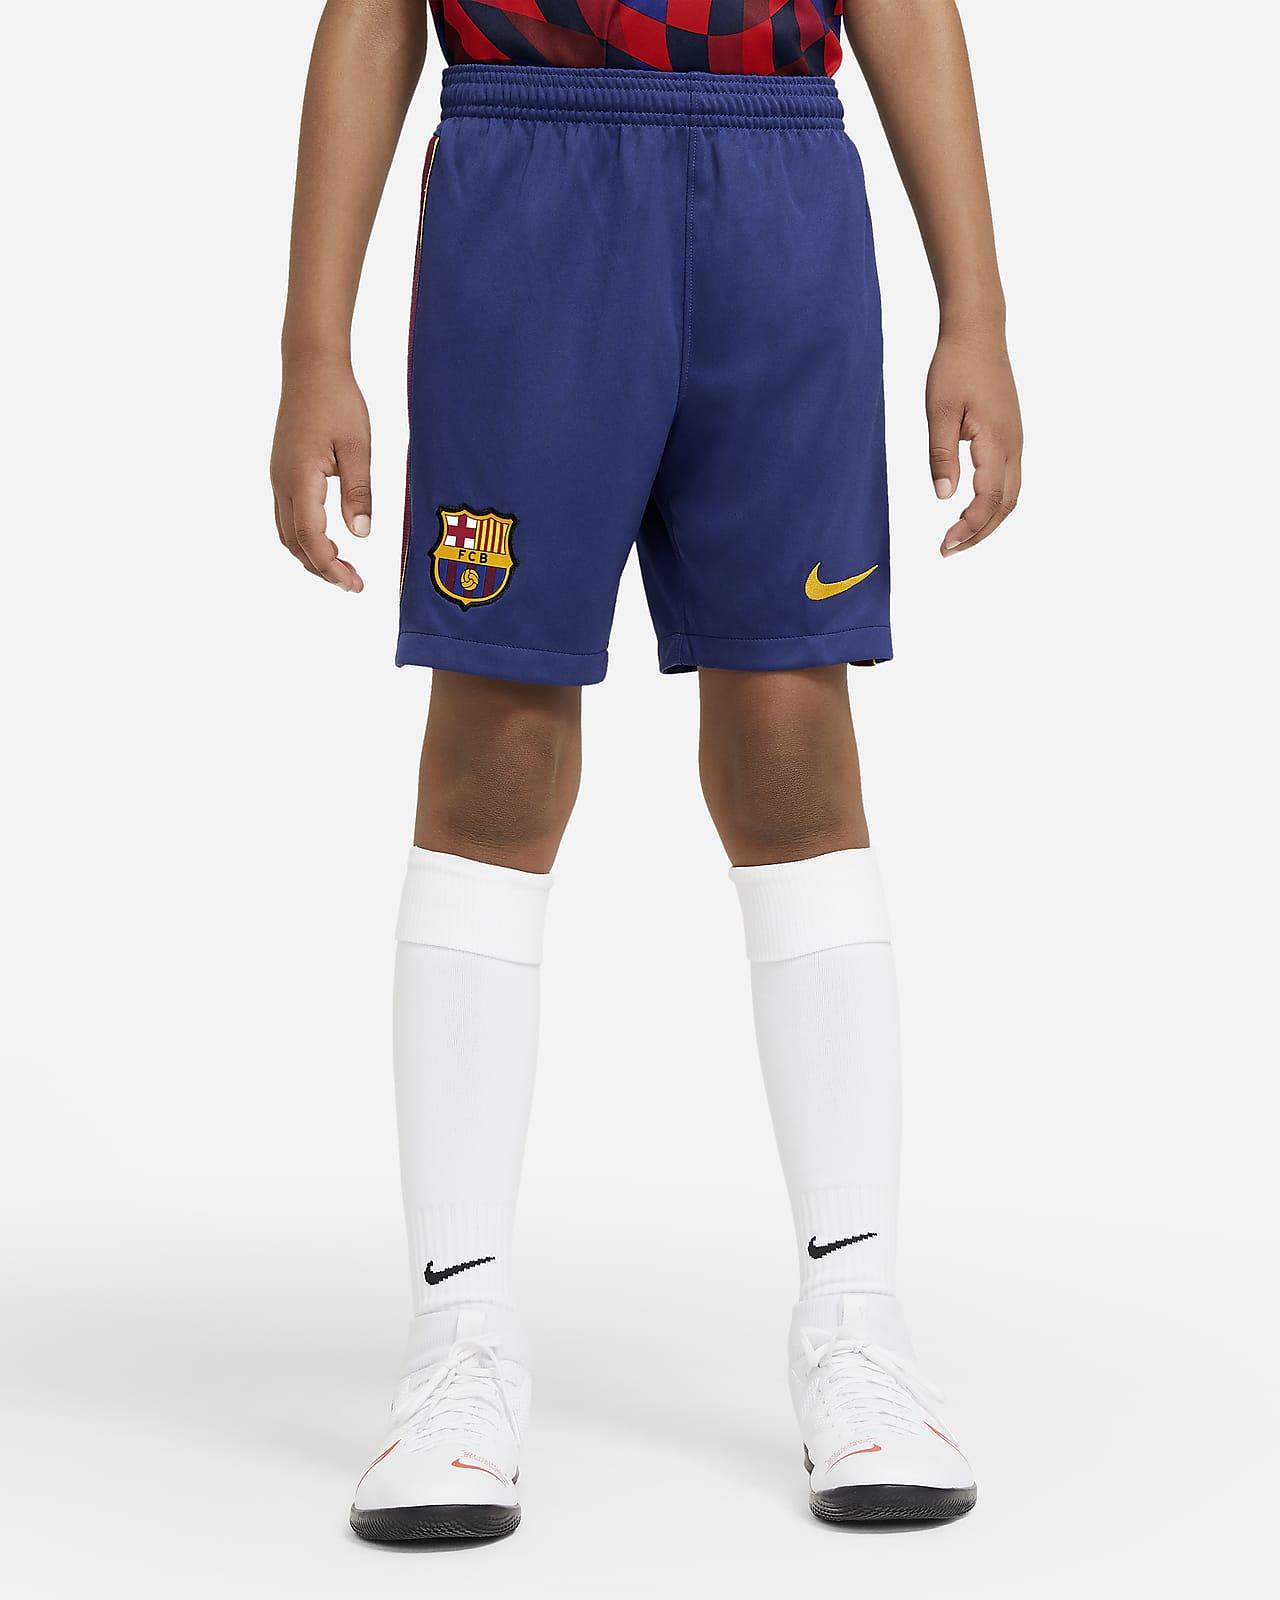 2020/21 赛季巴萨主客场球迷版大童足球短裤